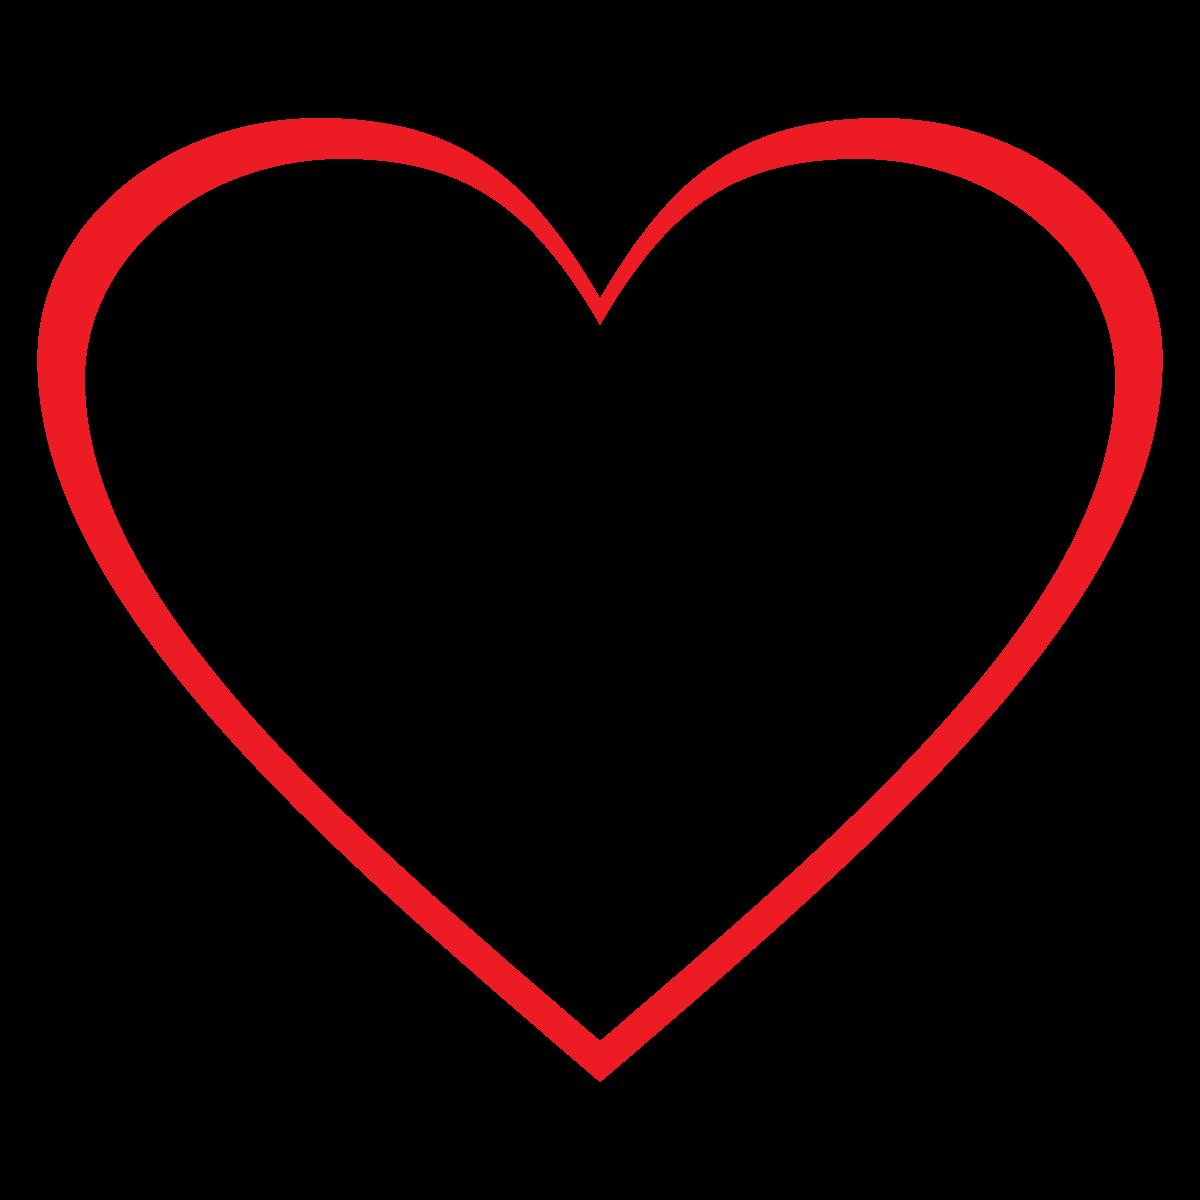 1200x1200 Top 69 Hearts Clip Art